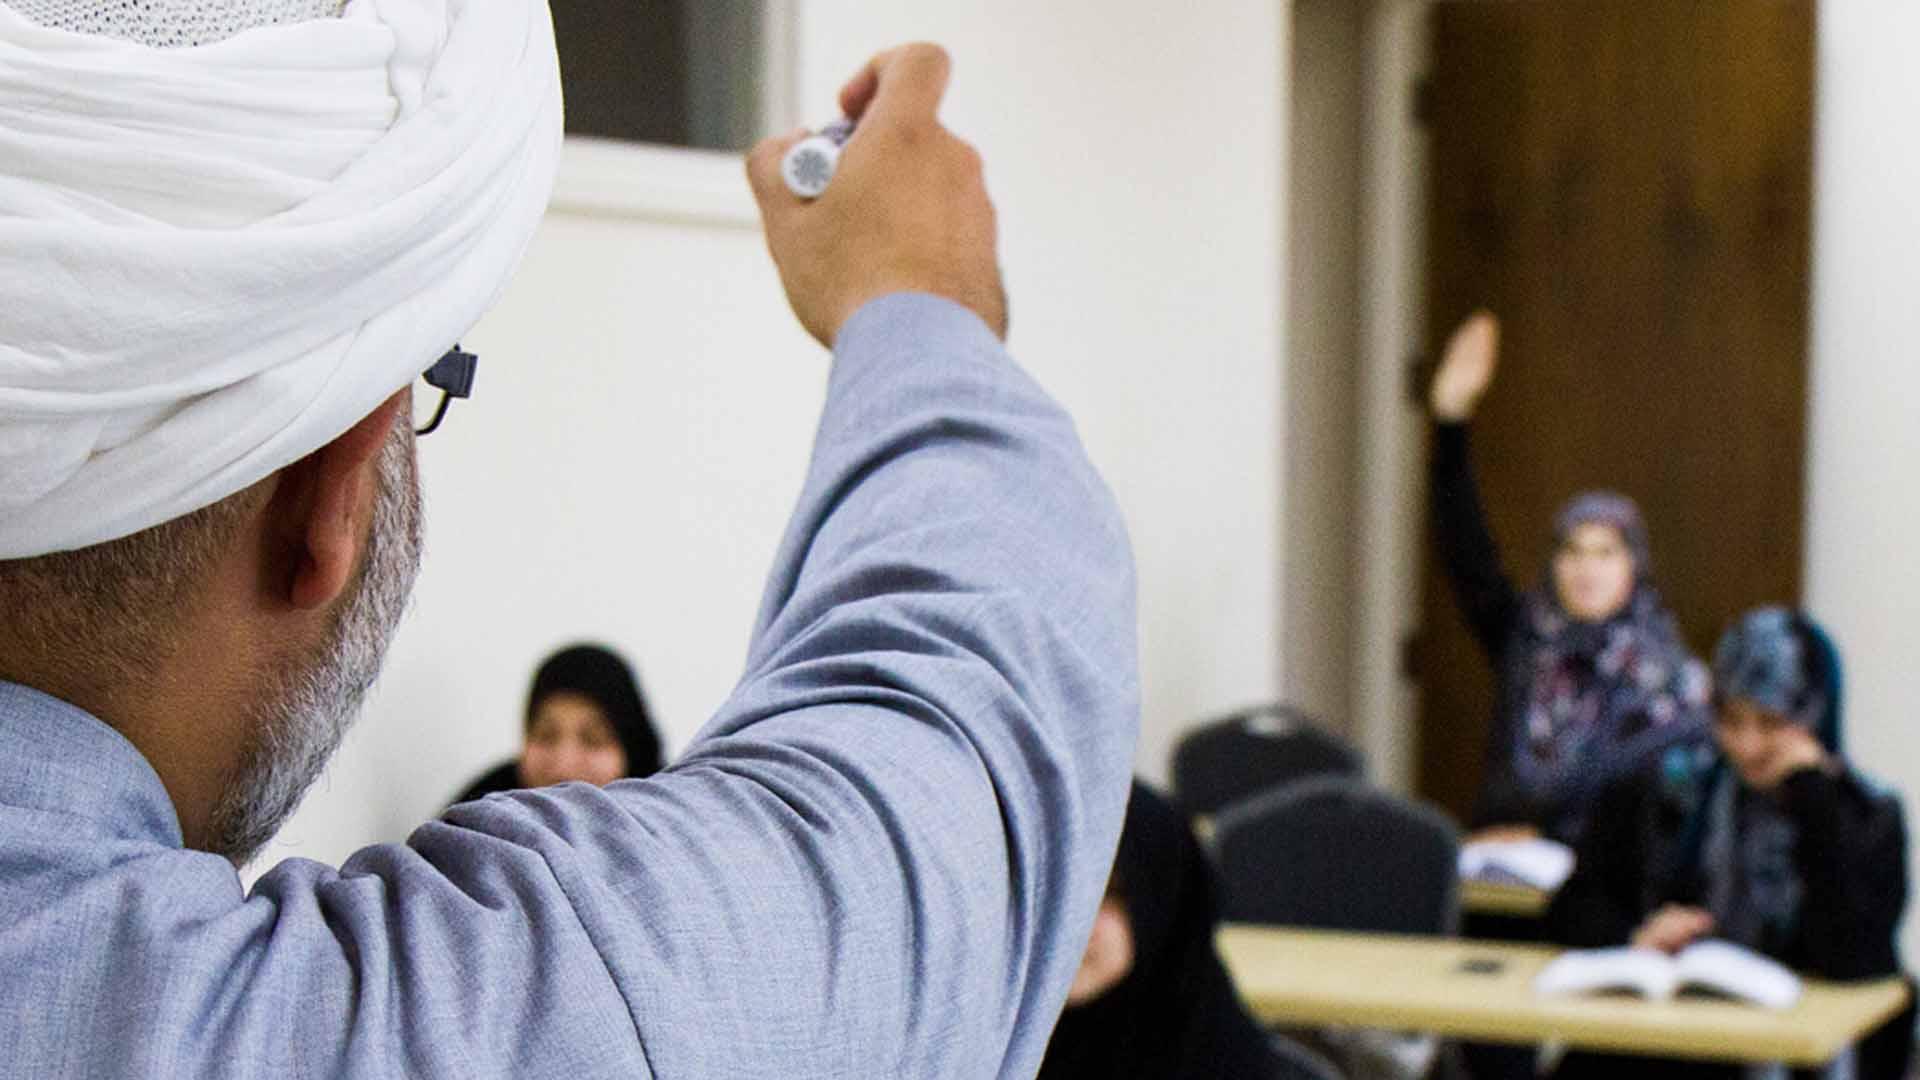 هل يكون التعليم الديني في مدارس خاصة أم في عامة؟